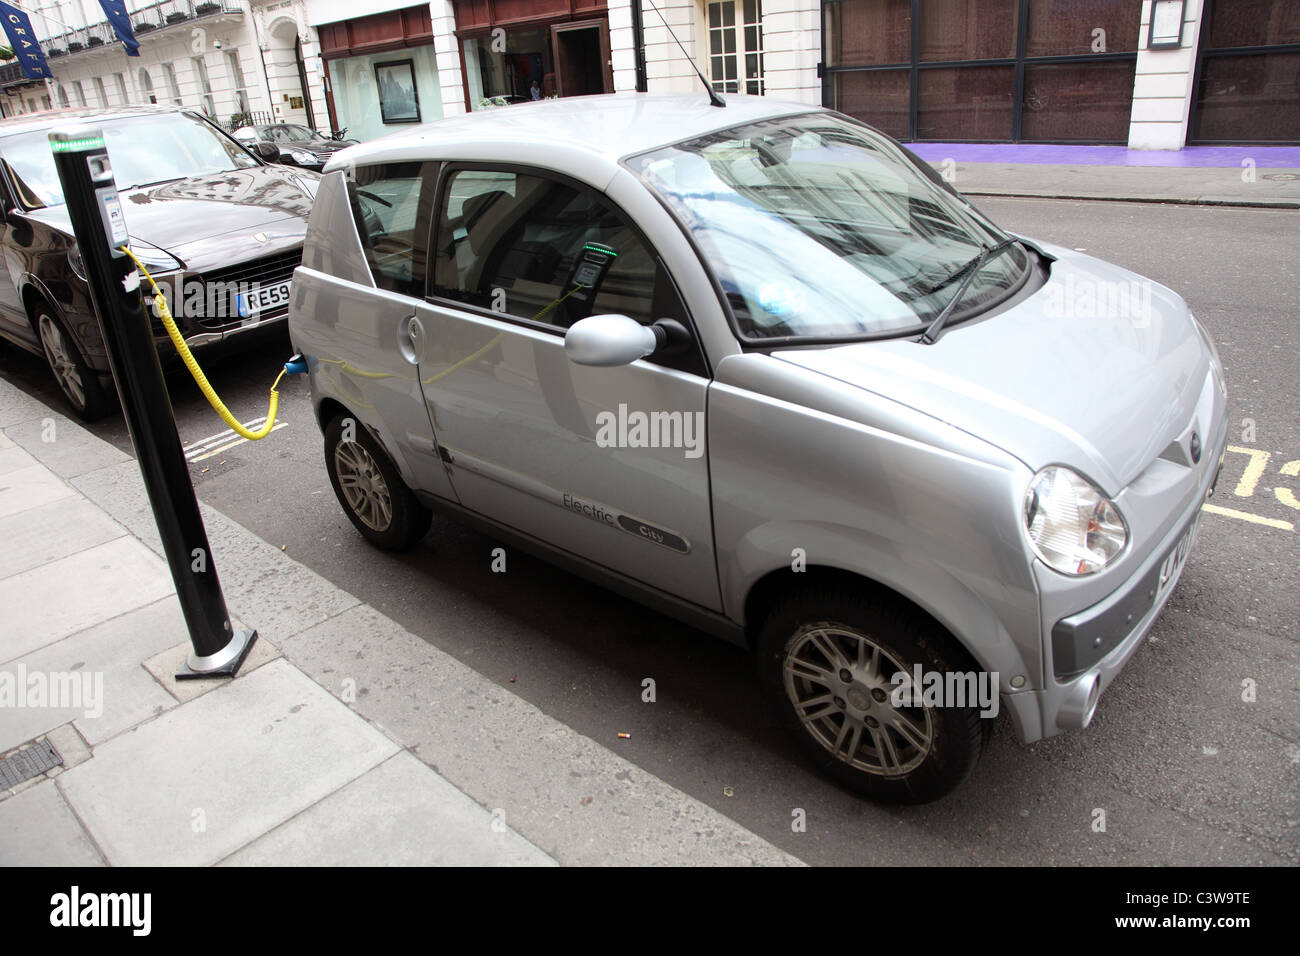 Batterie de recharge pour voitures électriques, Londres W1 Photo Stock